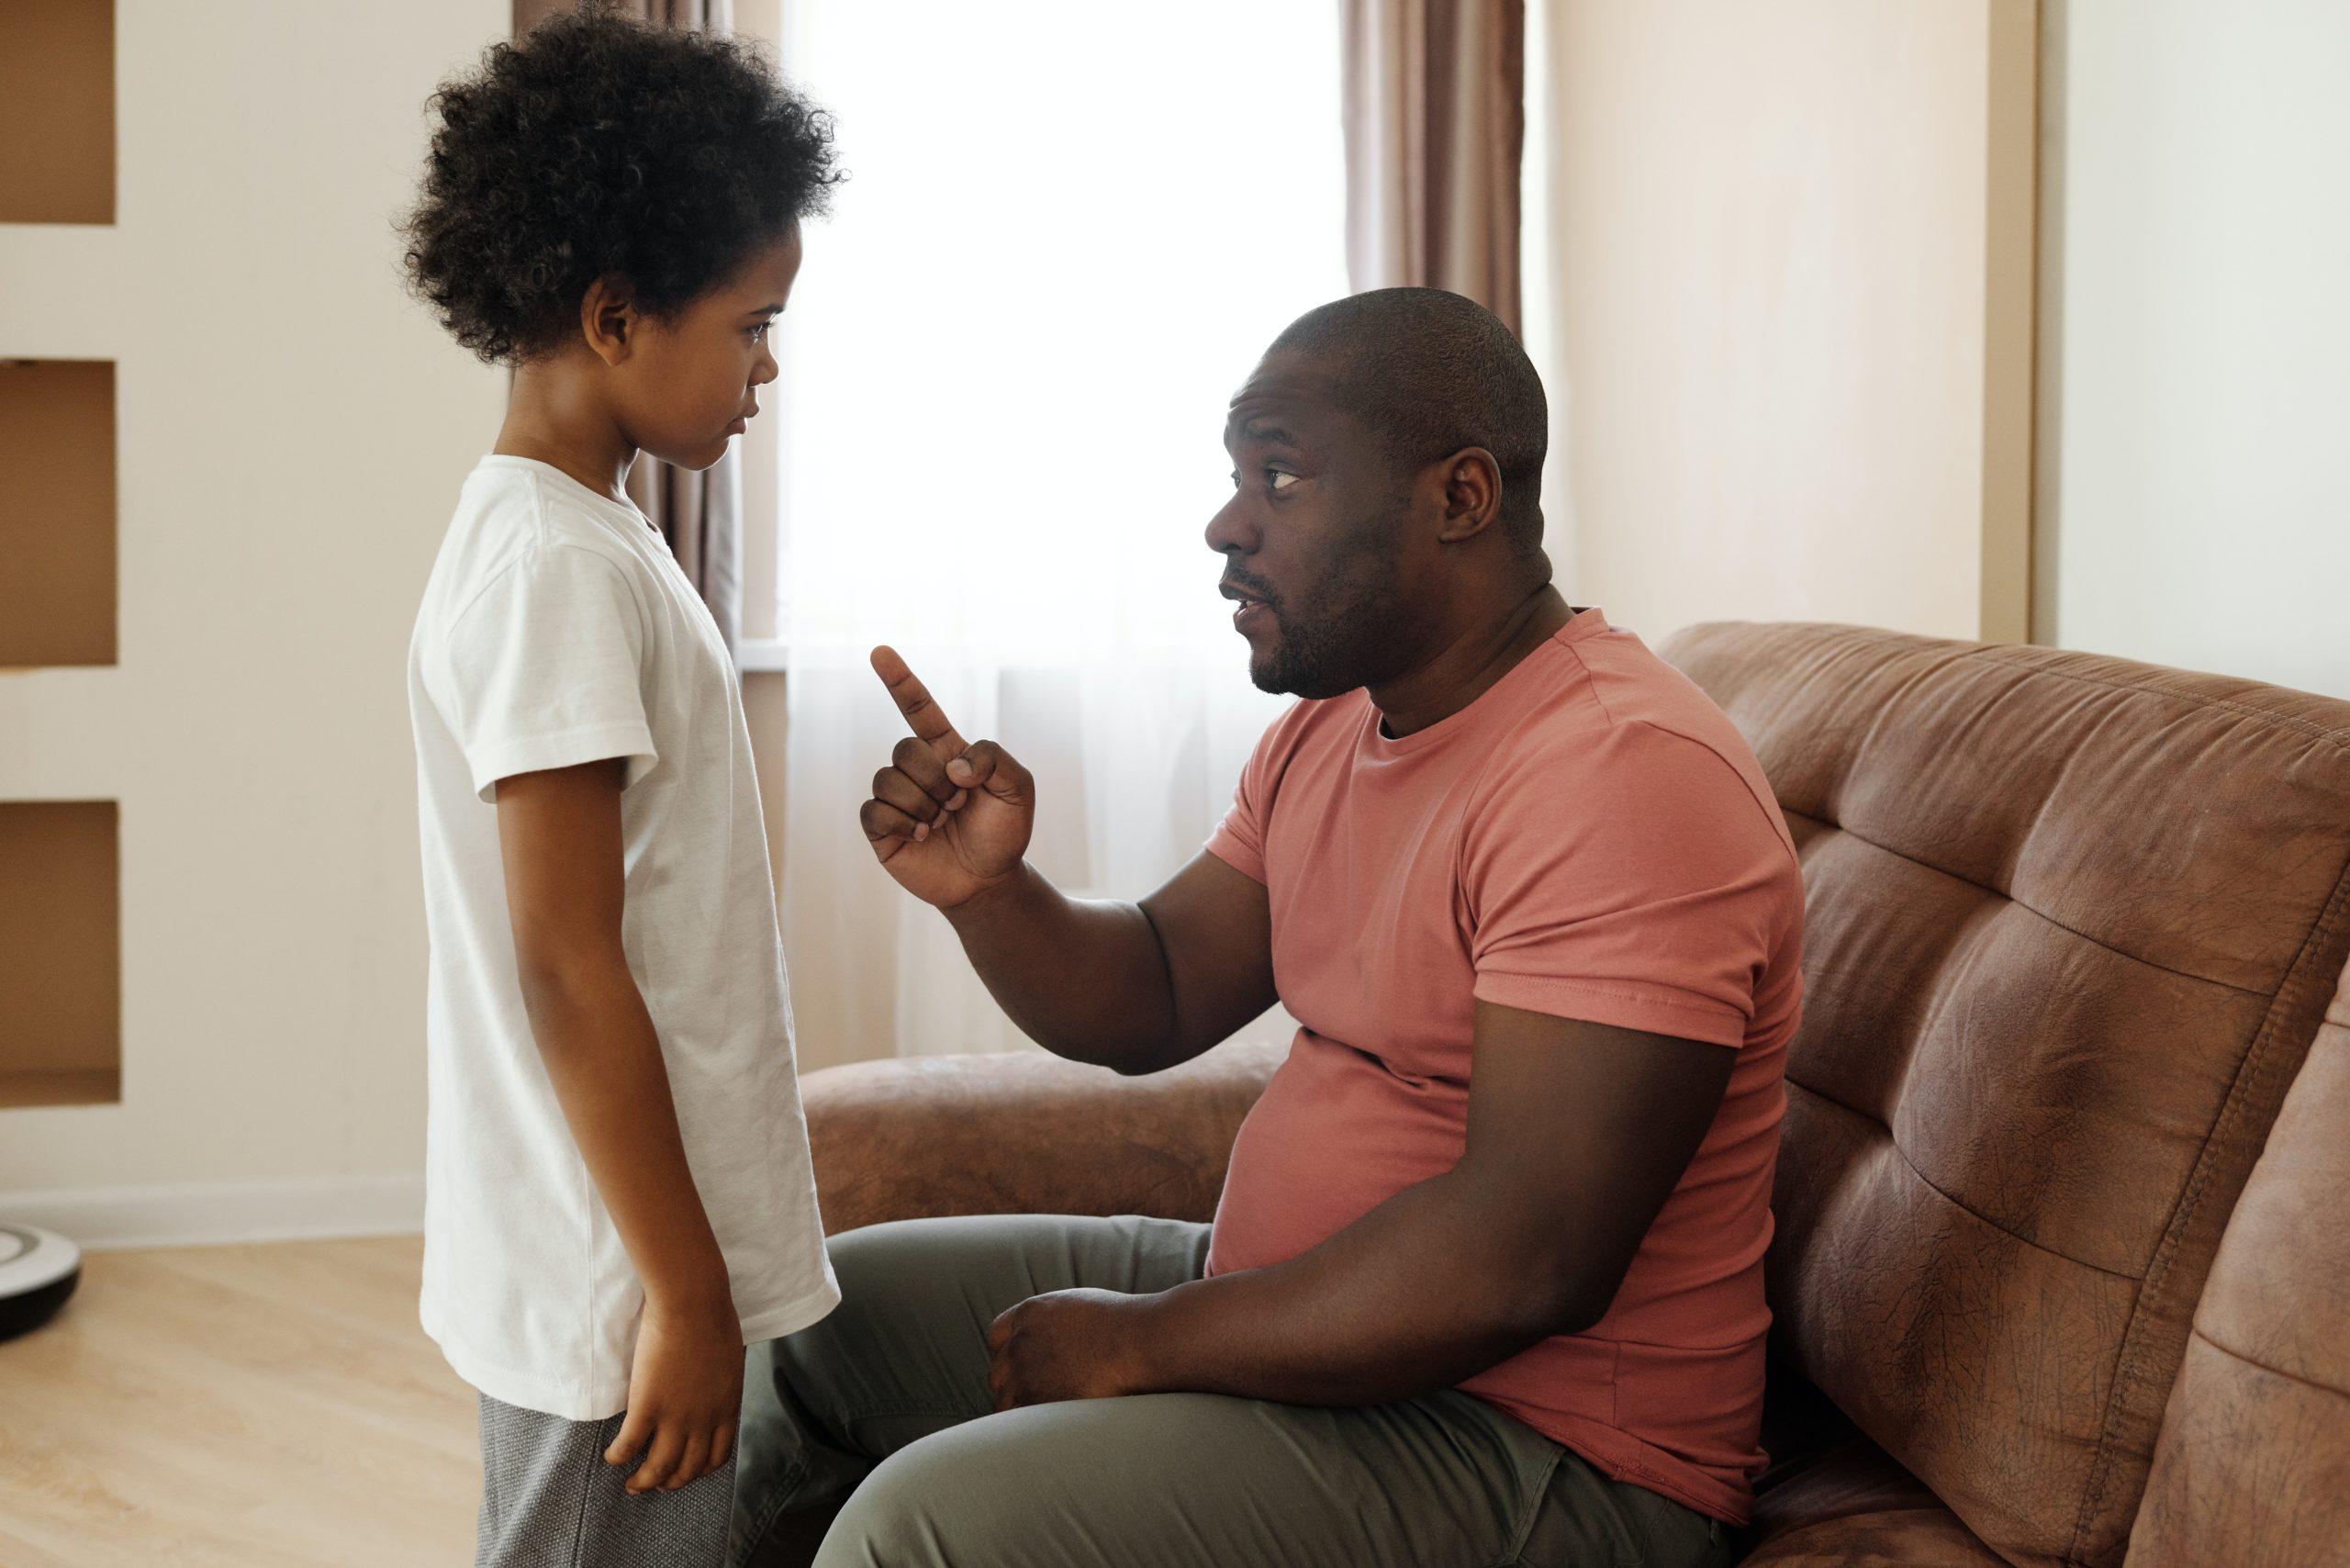 les devoirs peuvent engendrer des disputes et des punitions